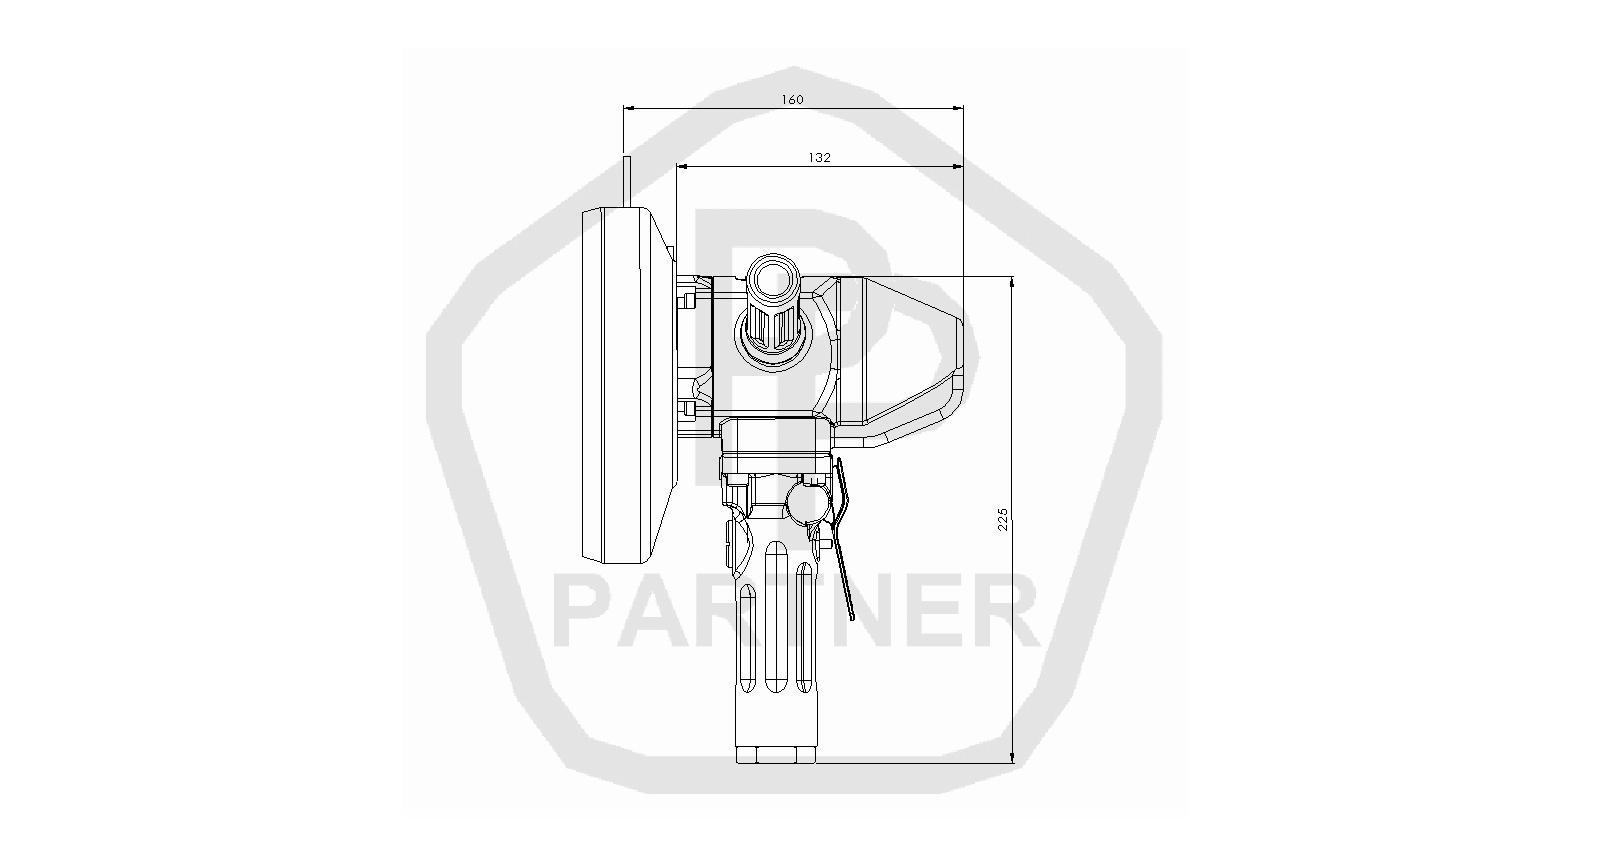 PPLV-2182